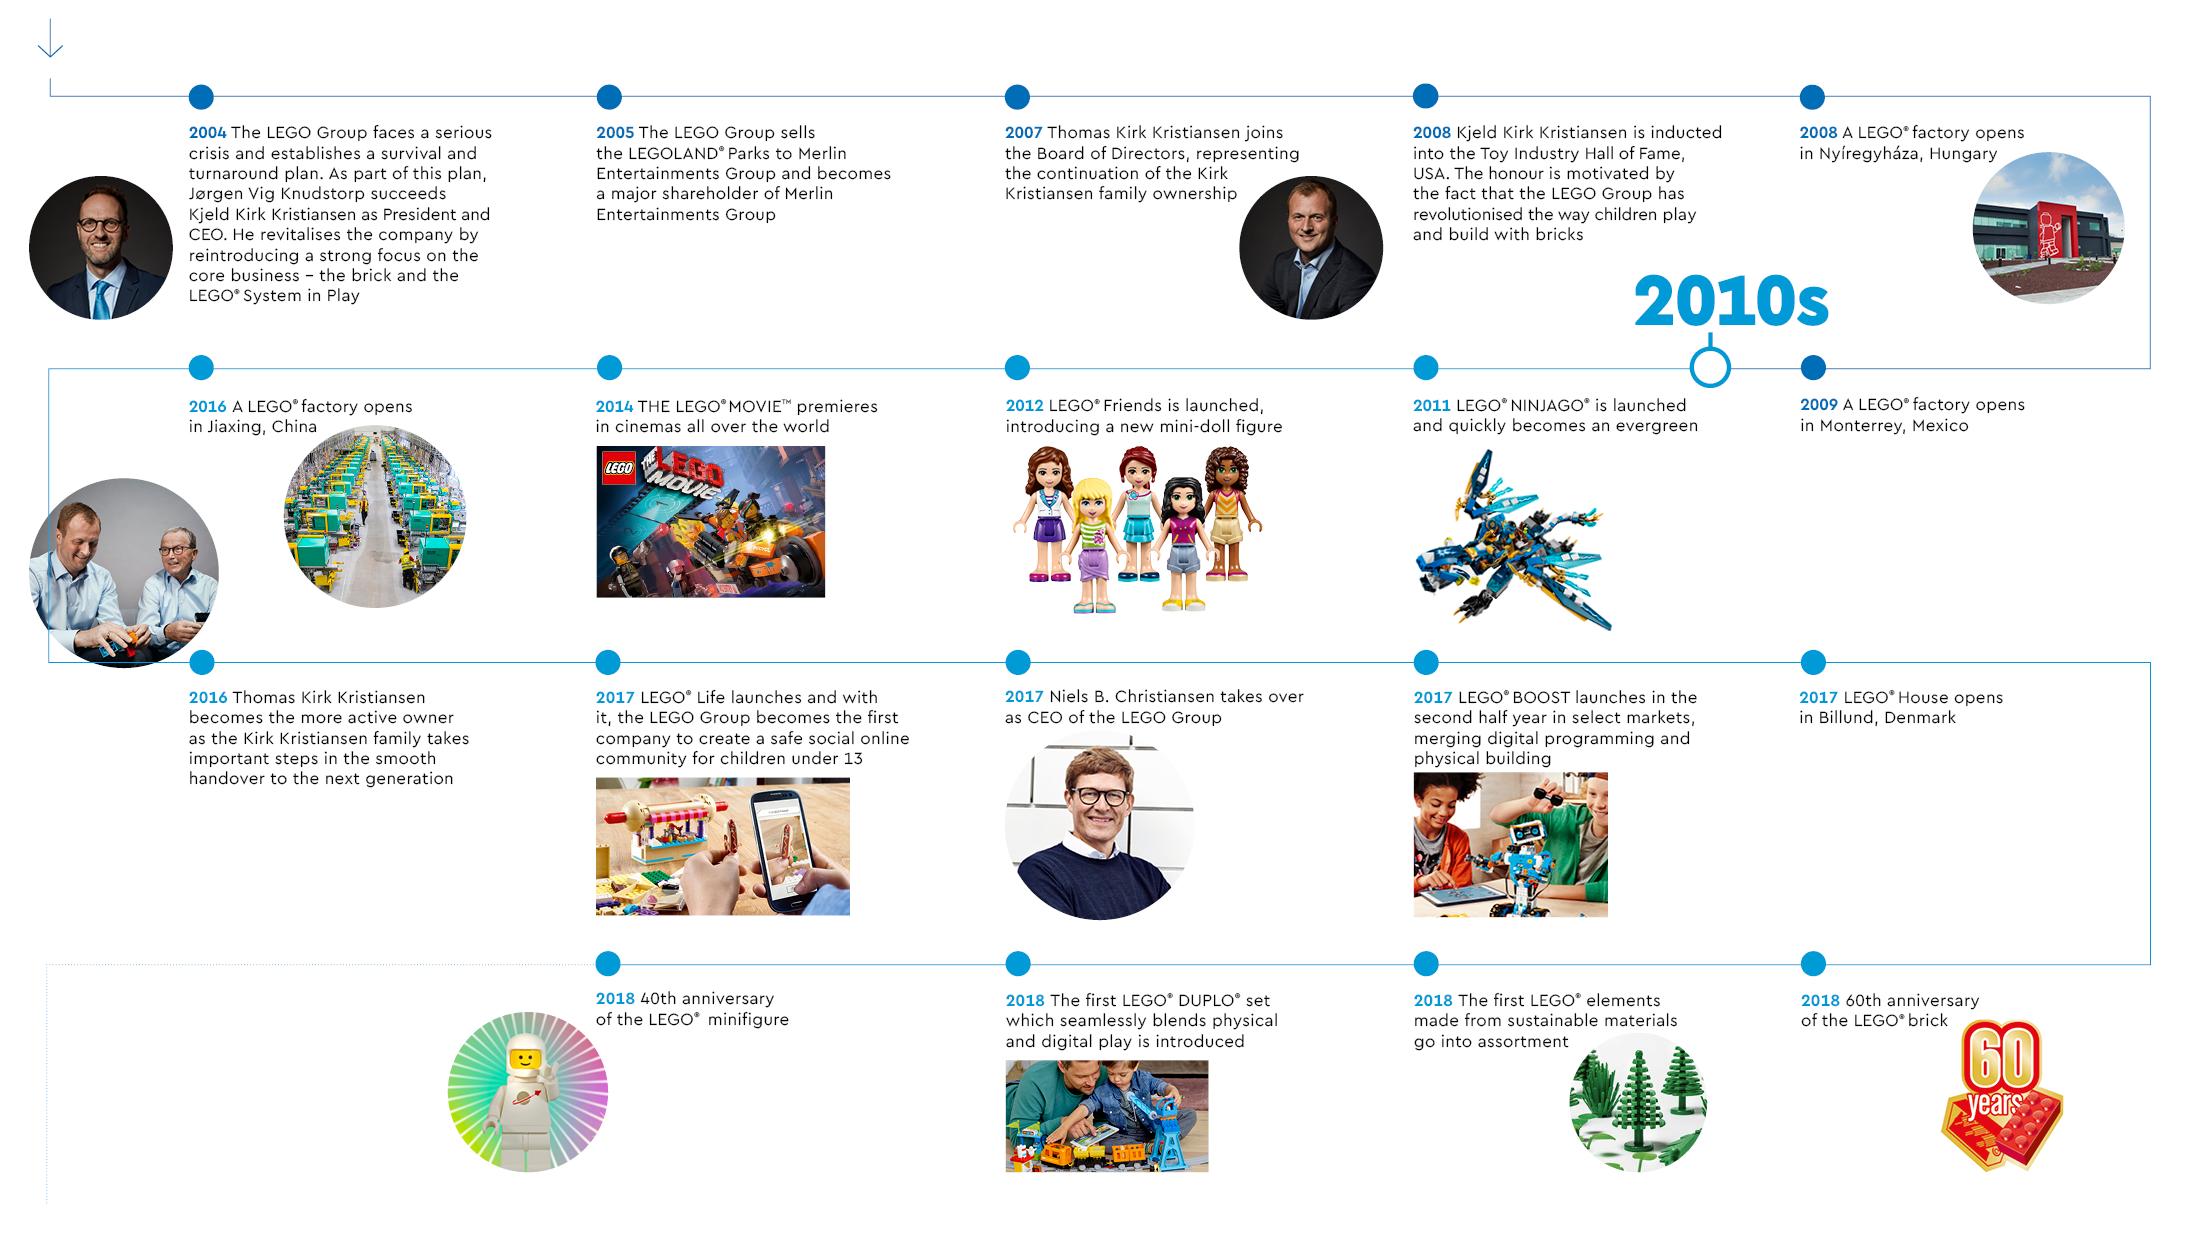 Lego historie 2010s